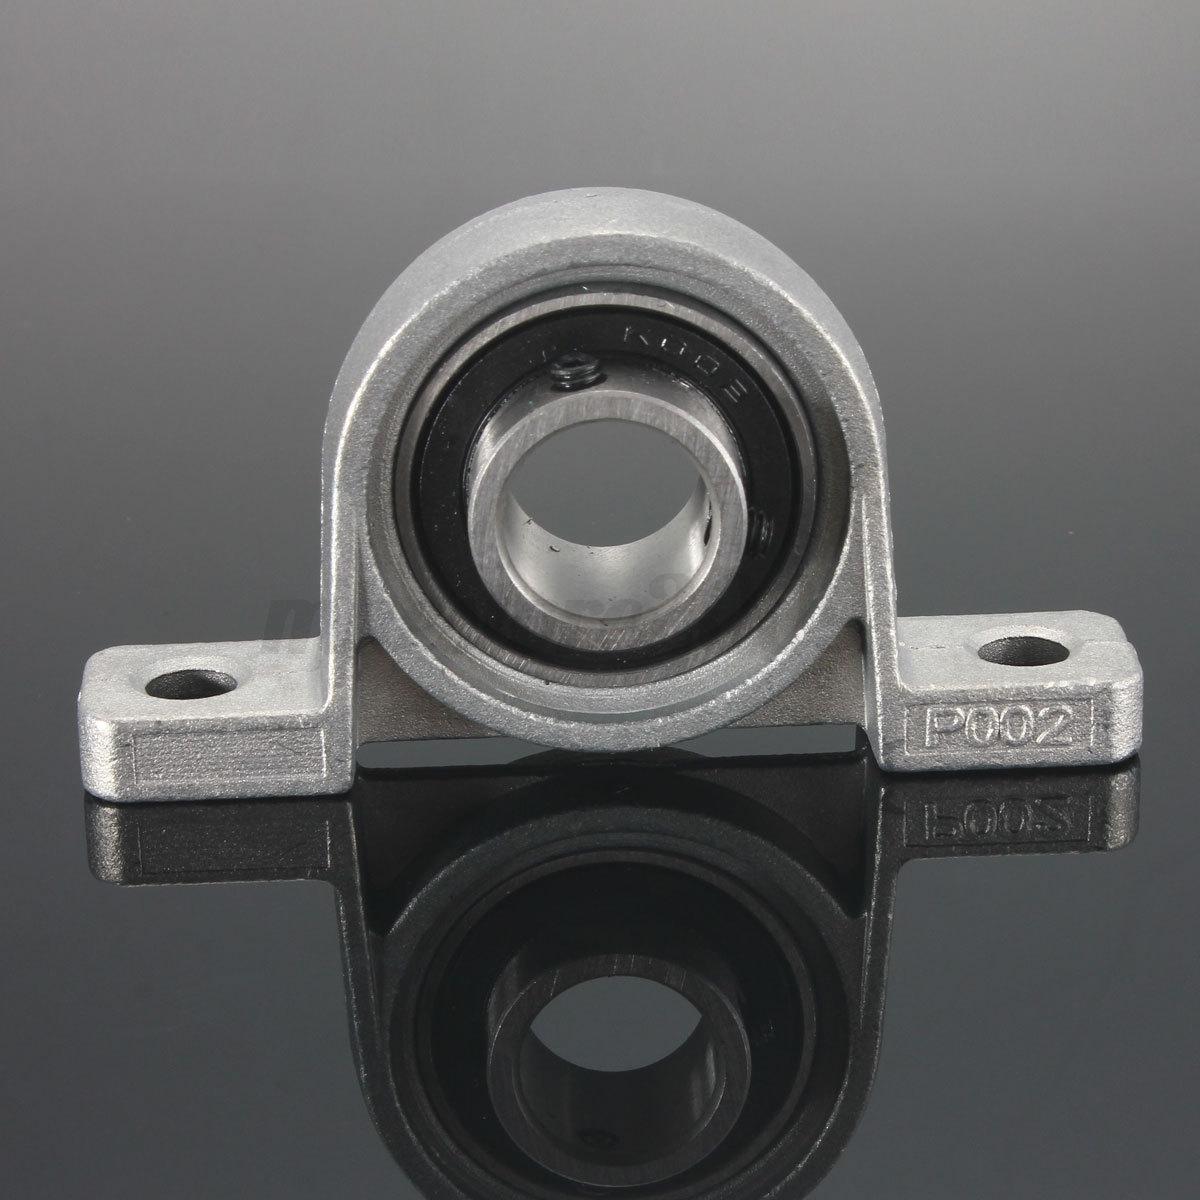 Gold Hose /& Stainless Gold Banjos Pro Braking PBR4742-GLD-GOL Rear Braided Brake Line